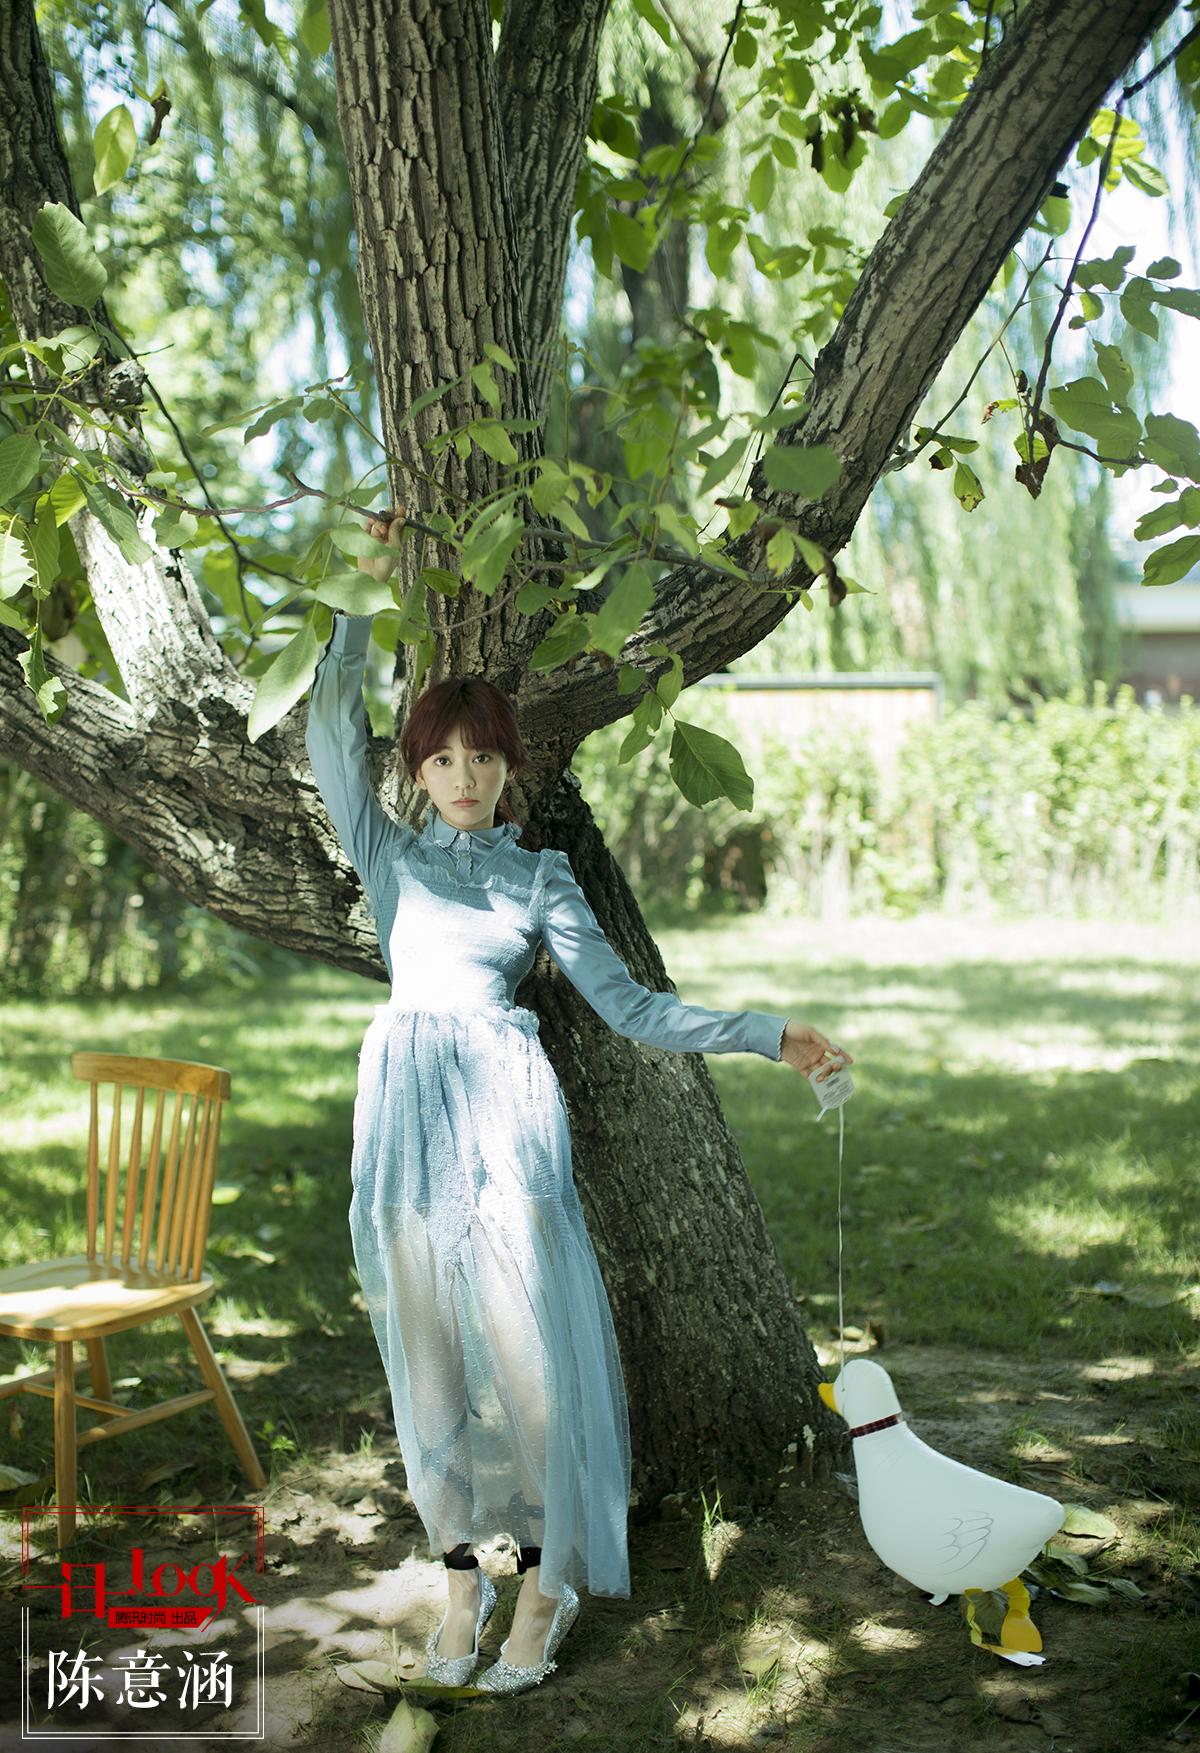 一日一look 绿野寻踪 去深绿色的树林里找一个穿纱裙的陈意涵小仙女